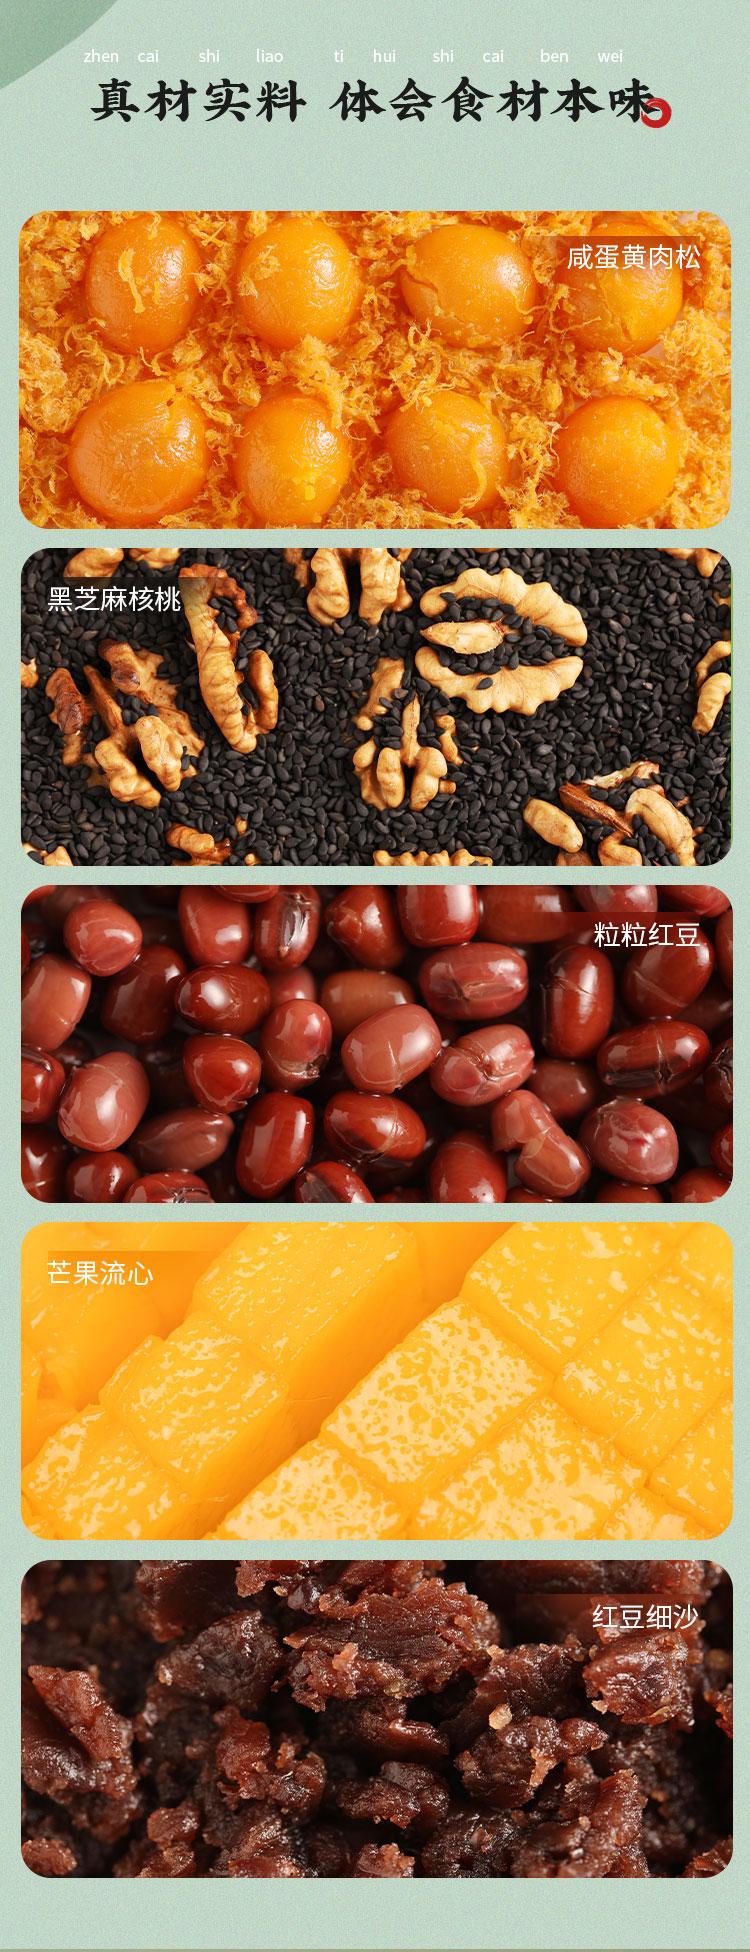 画板-1_09.jpg